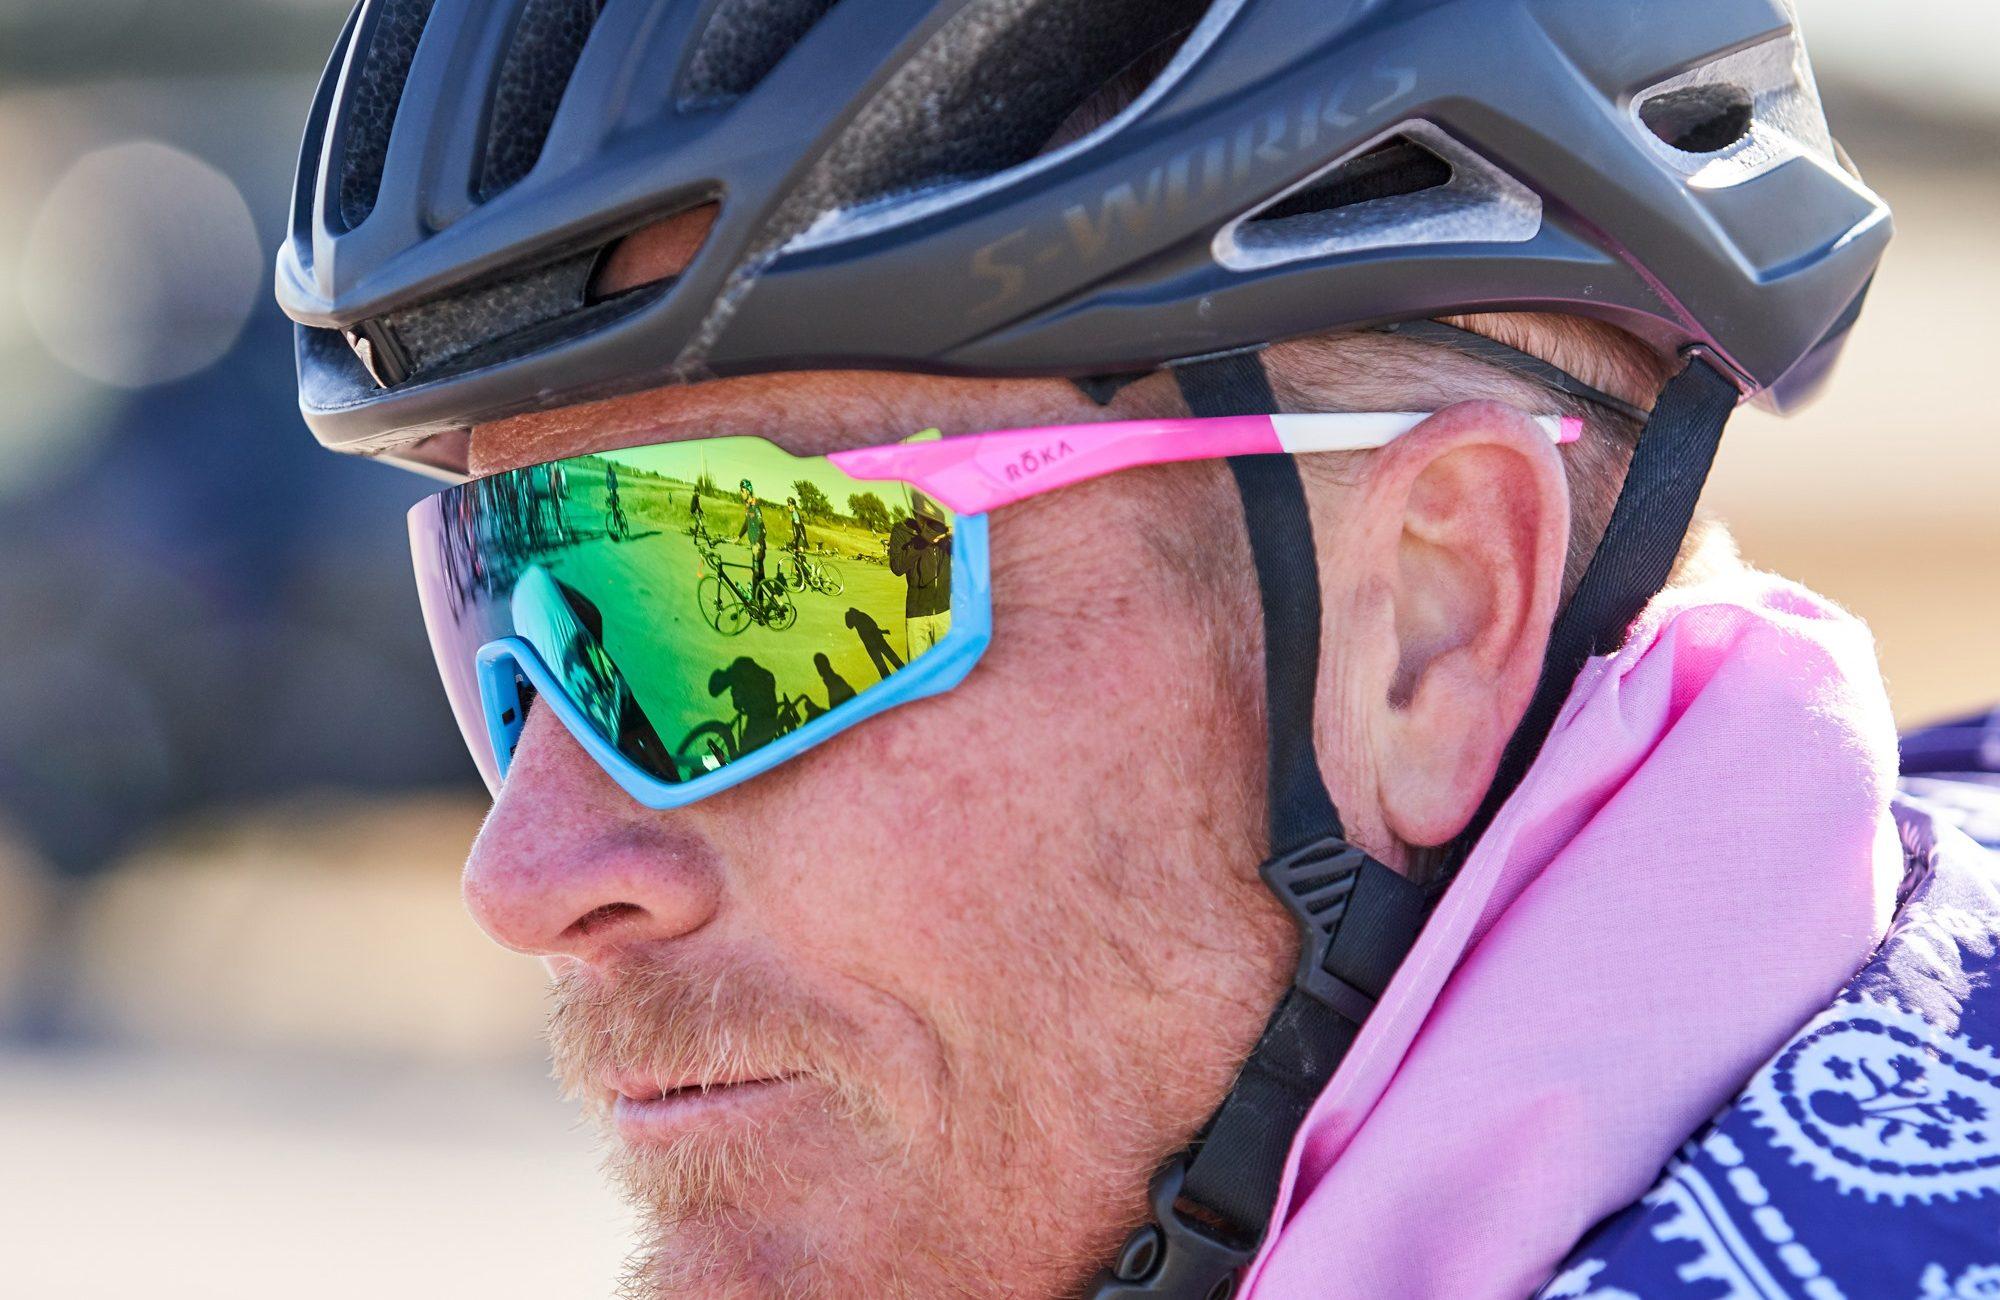 accessoires cyclisme été 2019